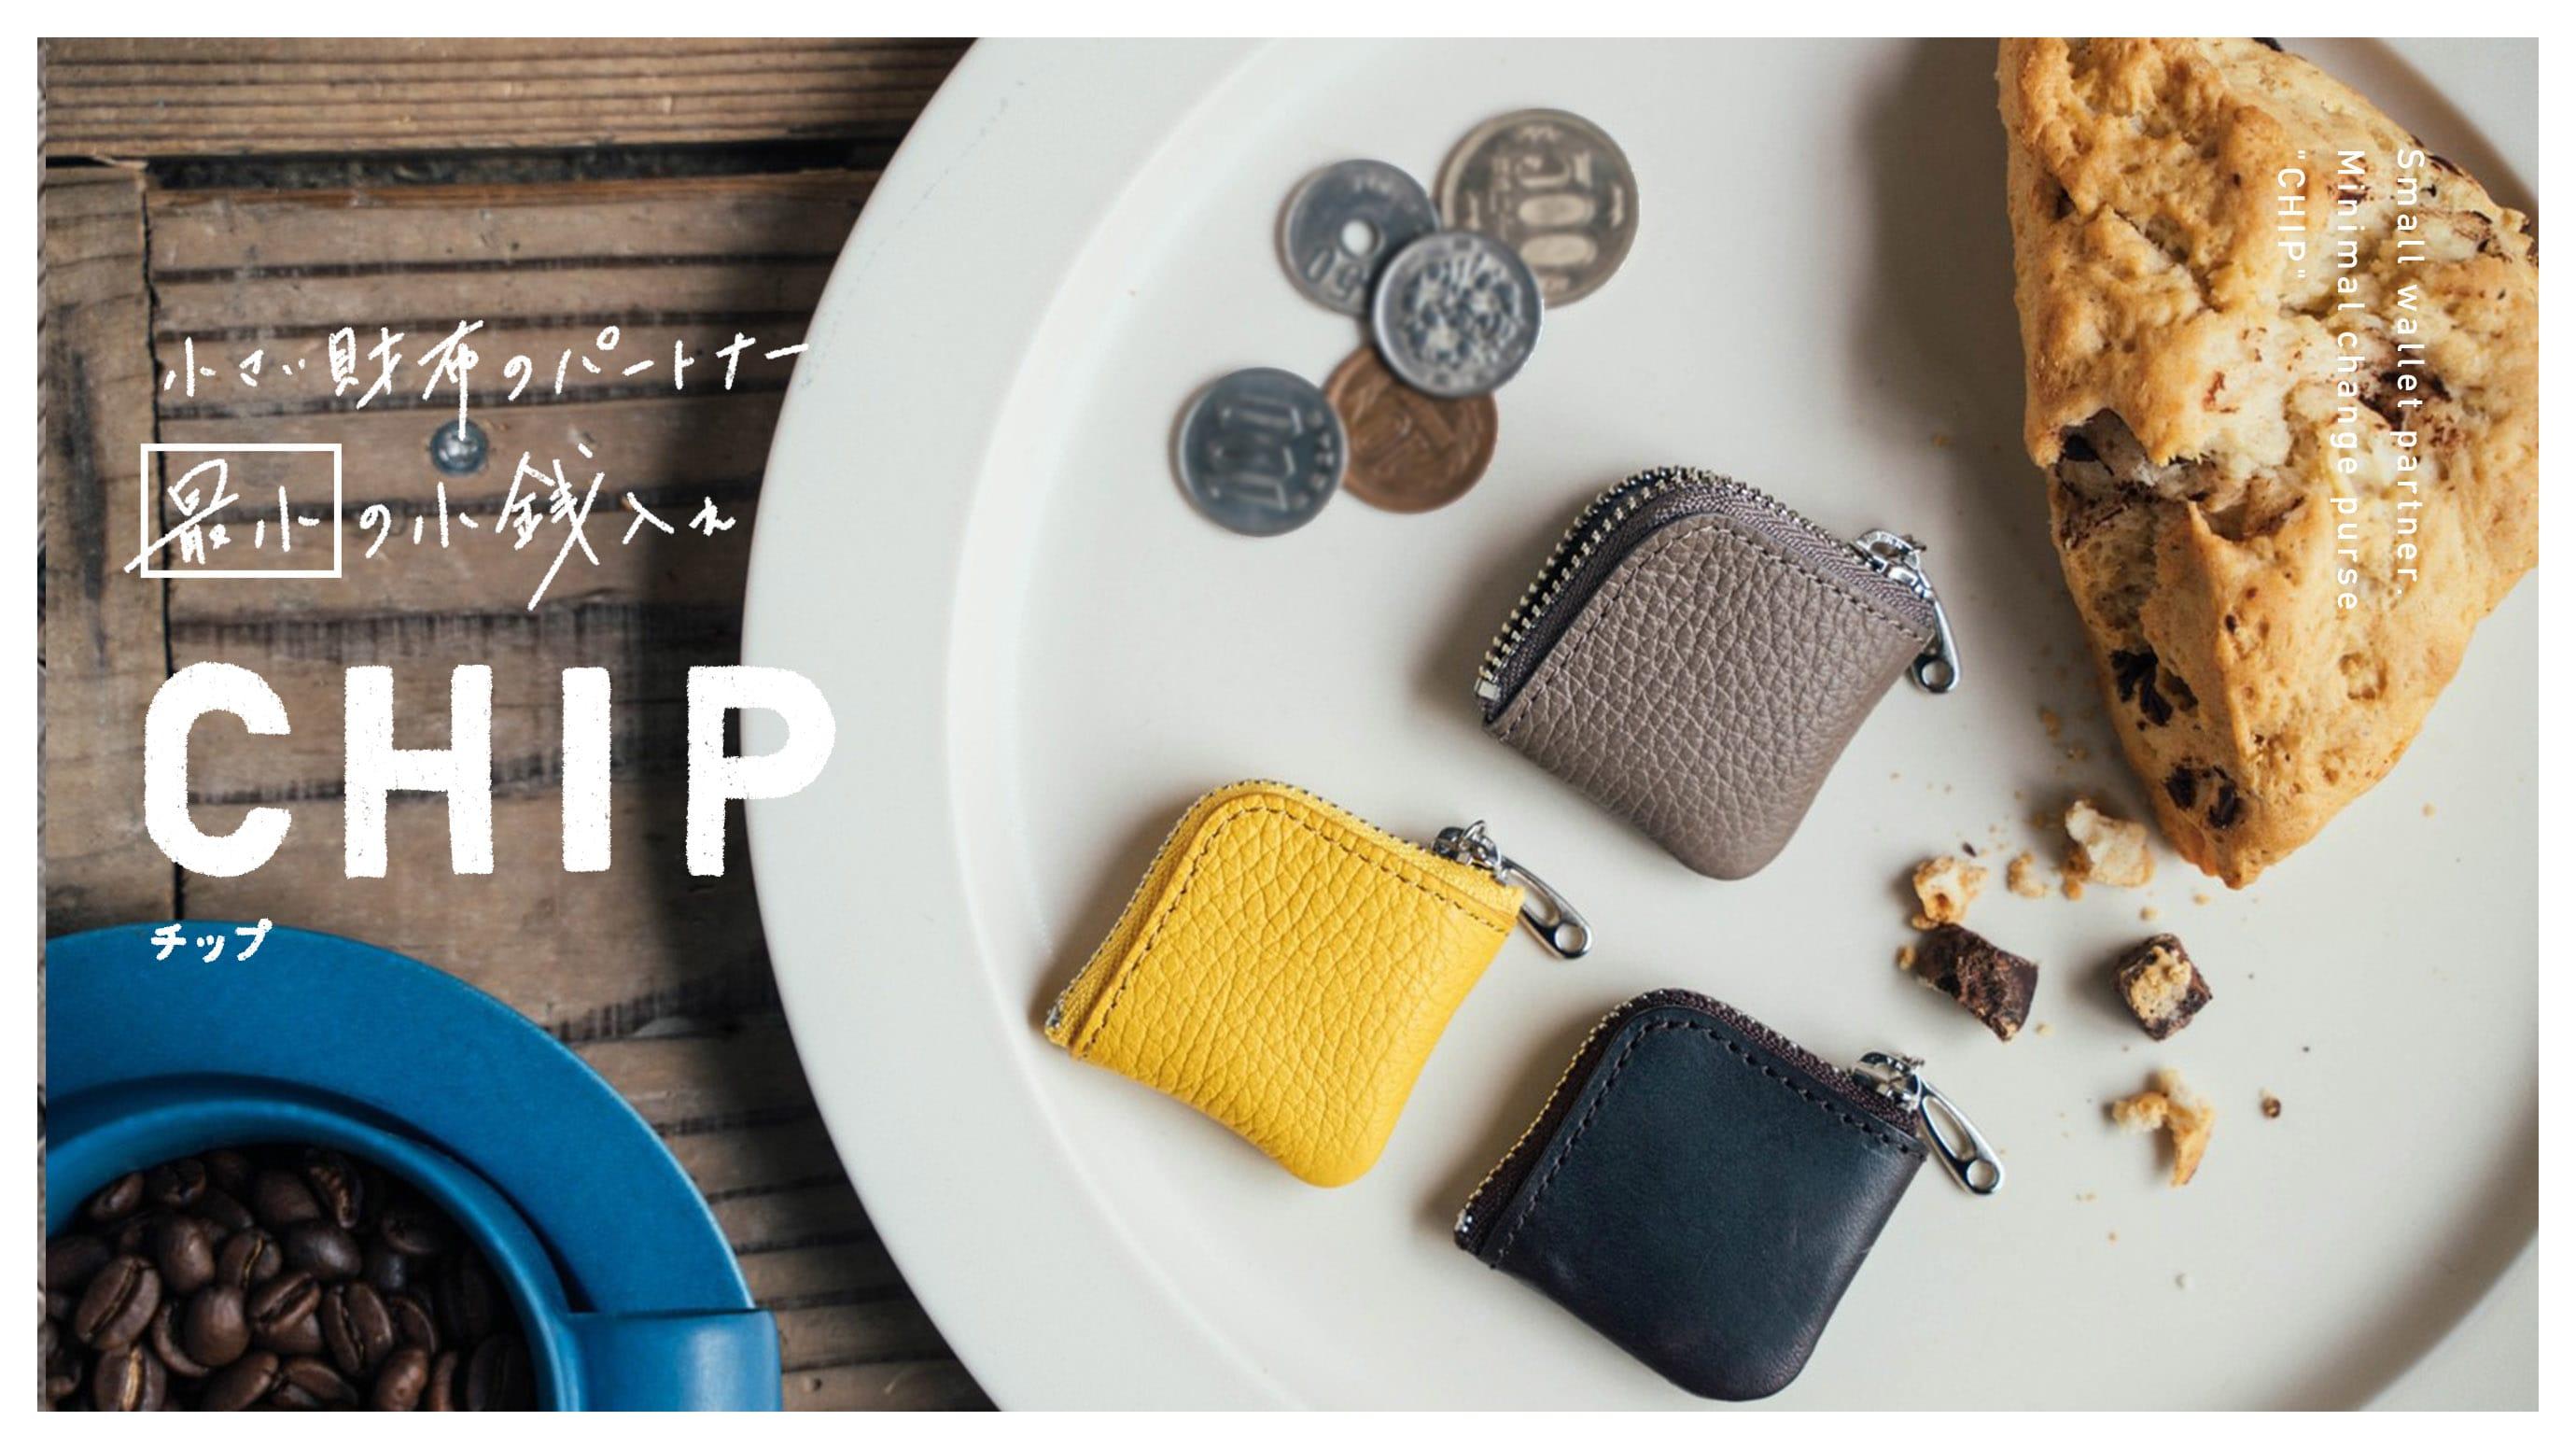 小さな財布のパートナー。最小※のミニマル小銭入れ「CHIP」